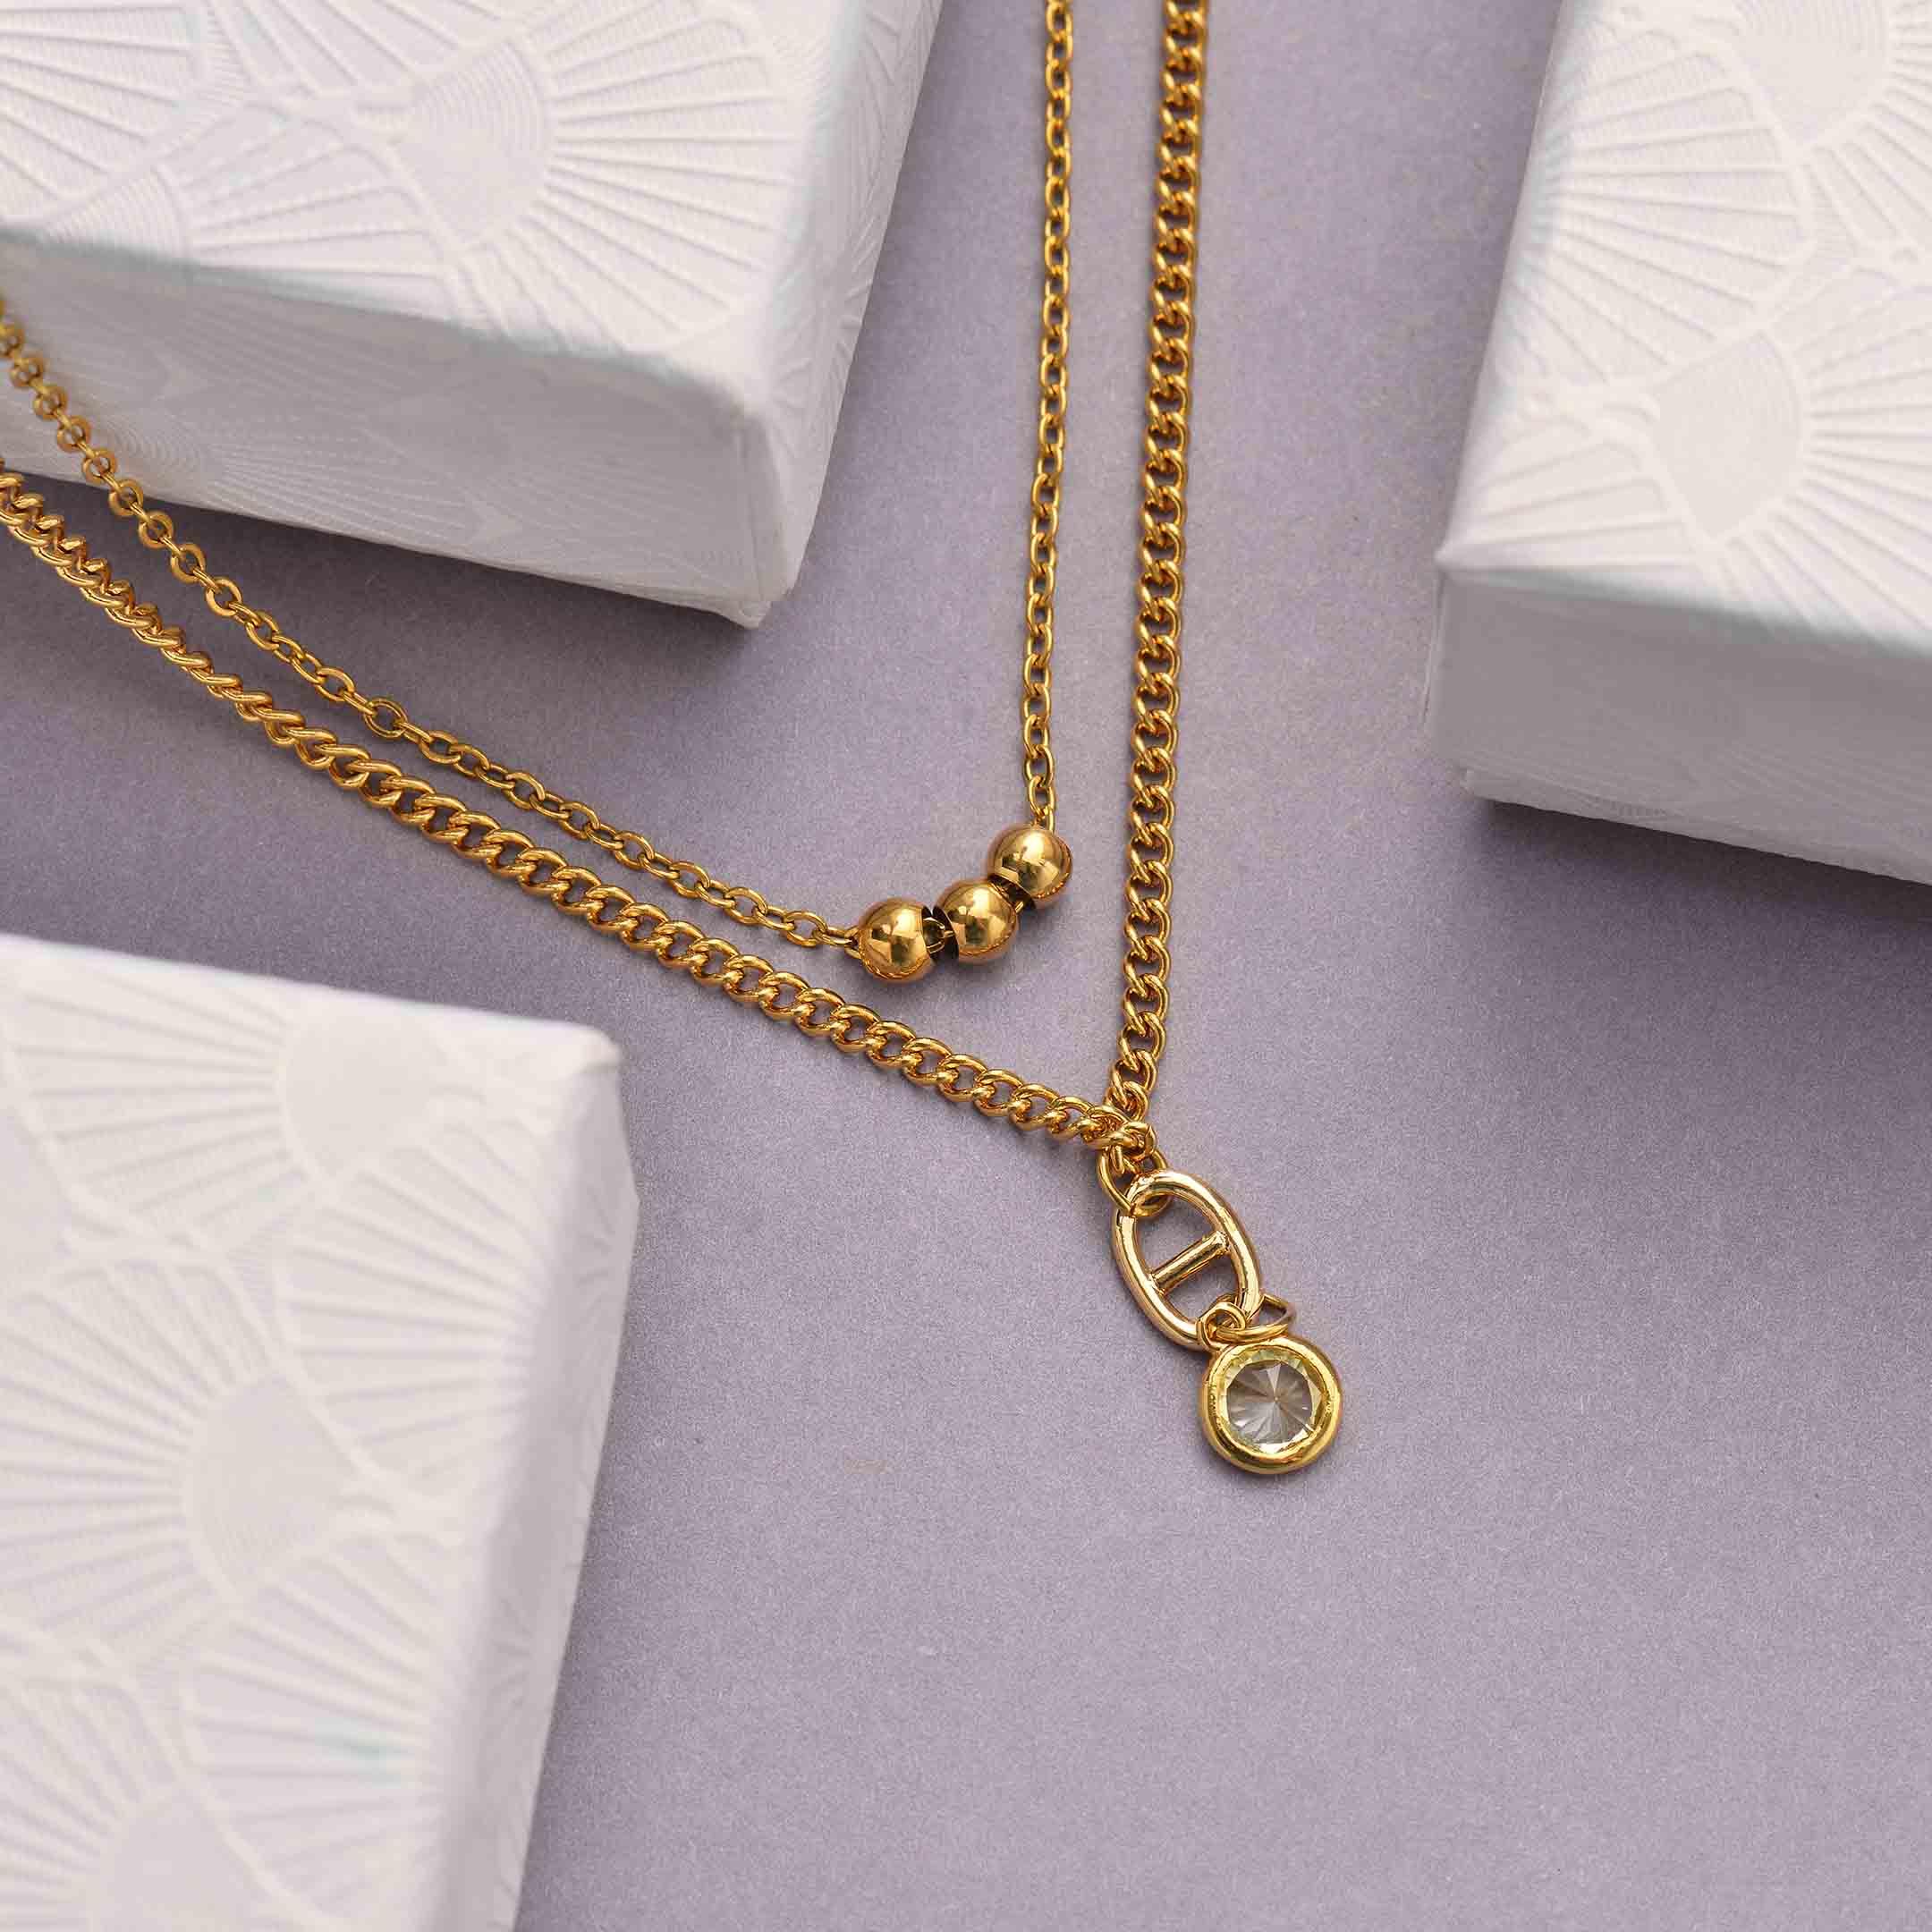 Collares de Acero Inoxidable para Mujer al por Mayor -SSNEG142-33810